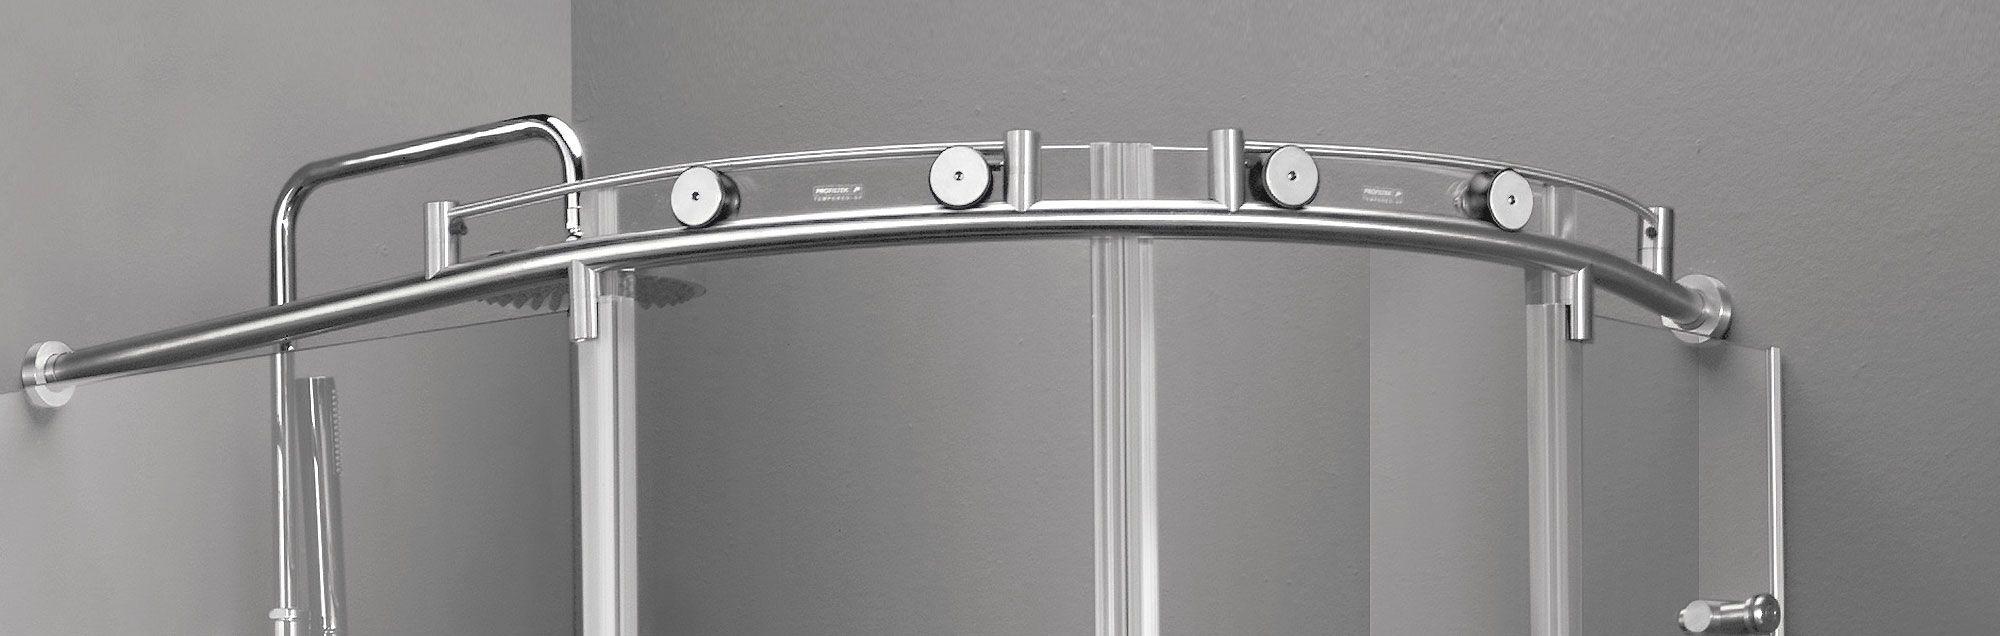 Serie Steel de mamparas correderas de ducha a medida